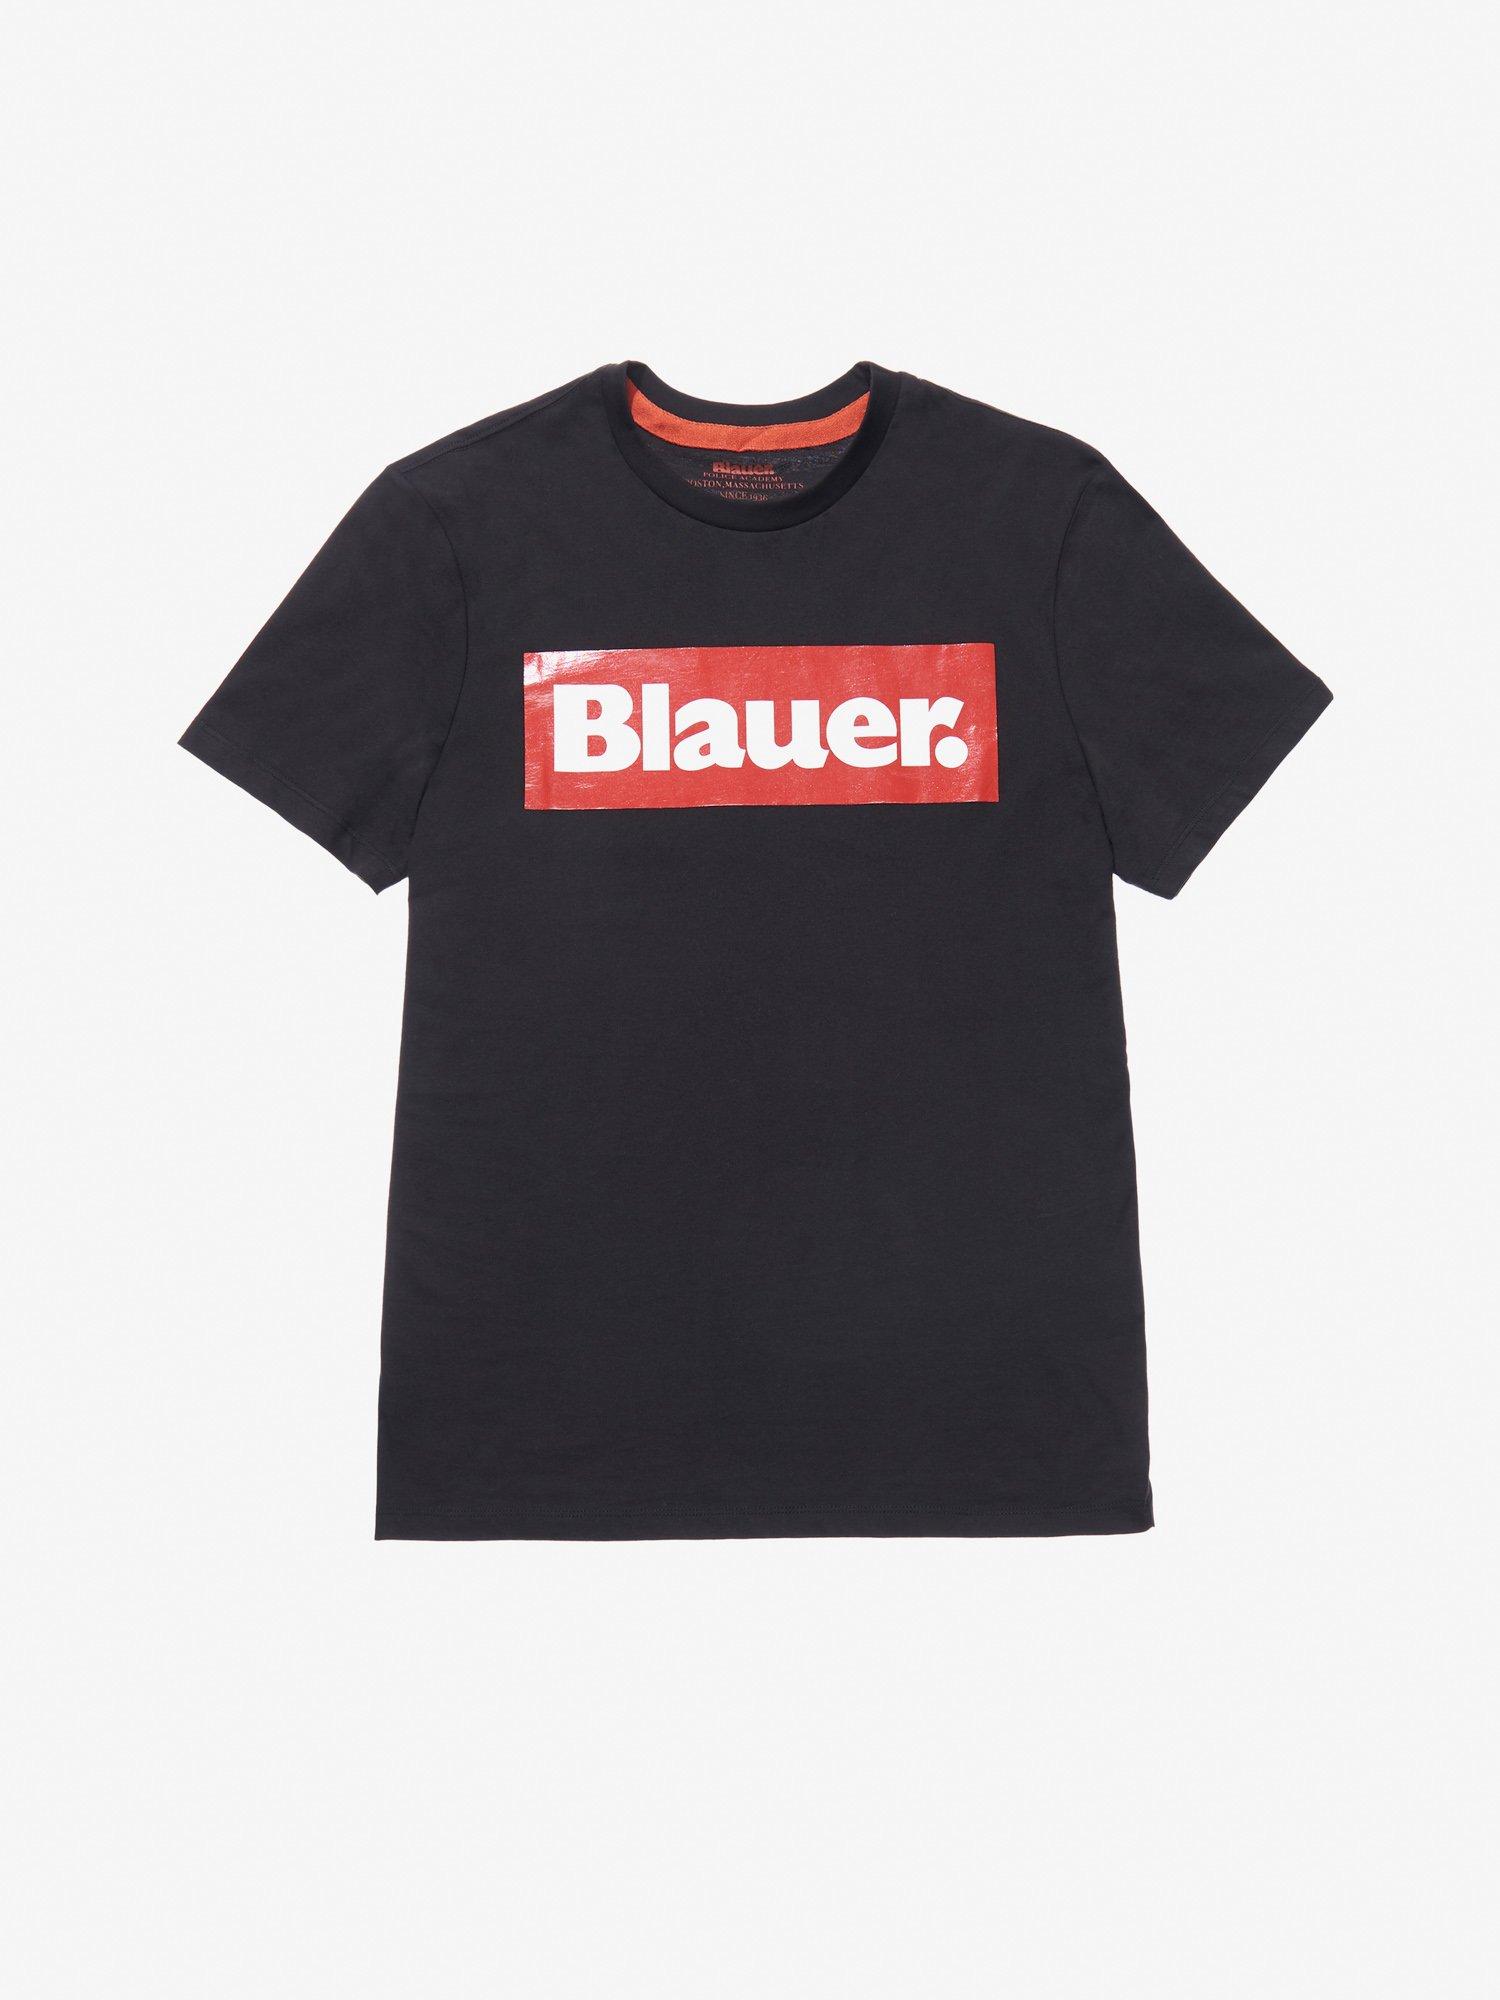 T-SHIRT IMPRESSION RECTANGULAIRE BLAUER - Blauer